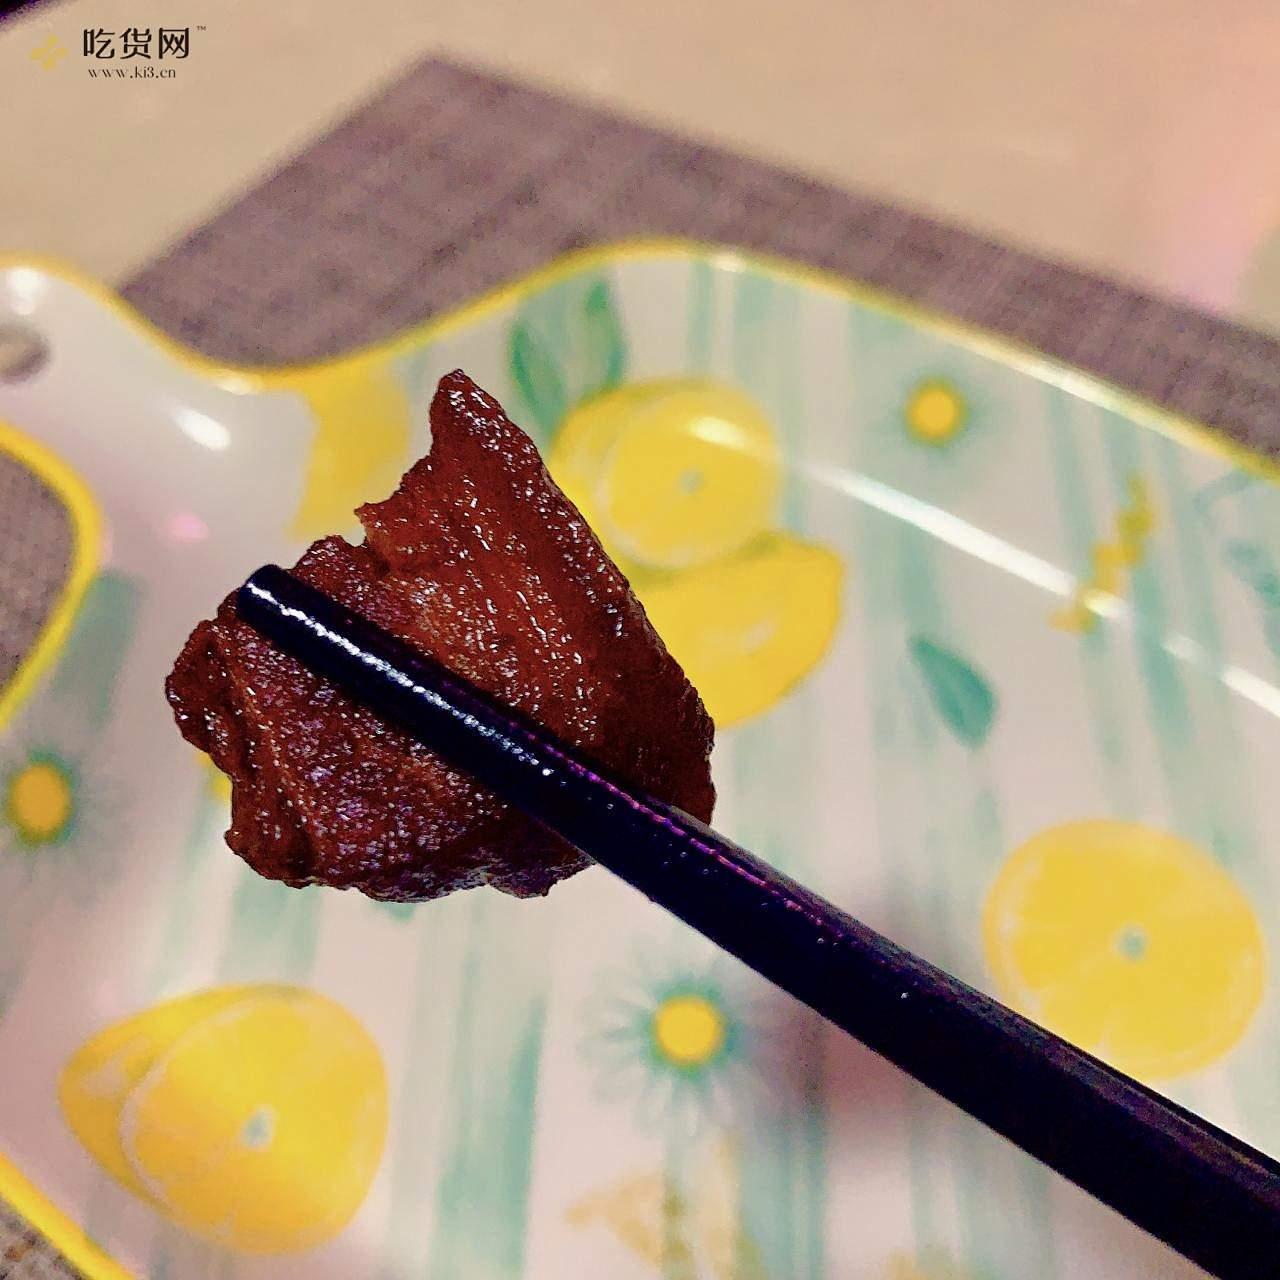 家常版红烧肉的做法 步骤11